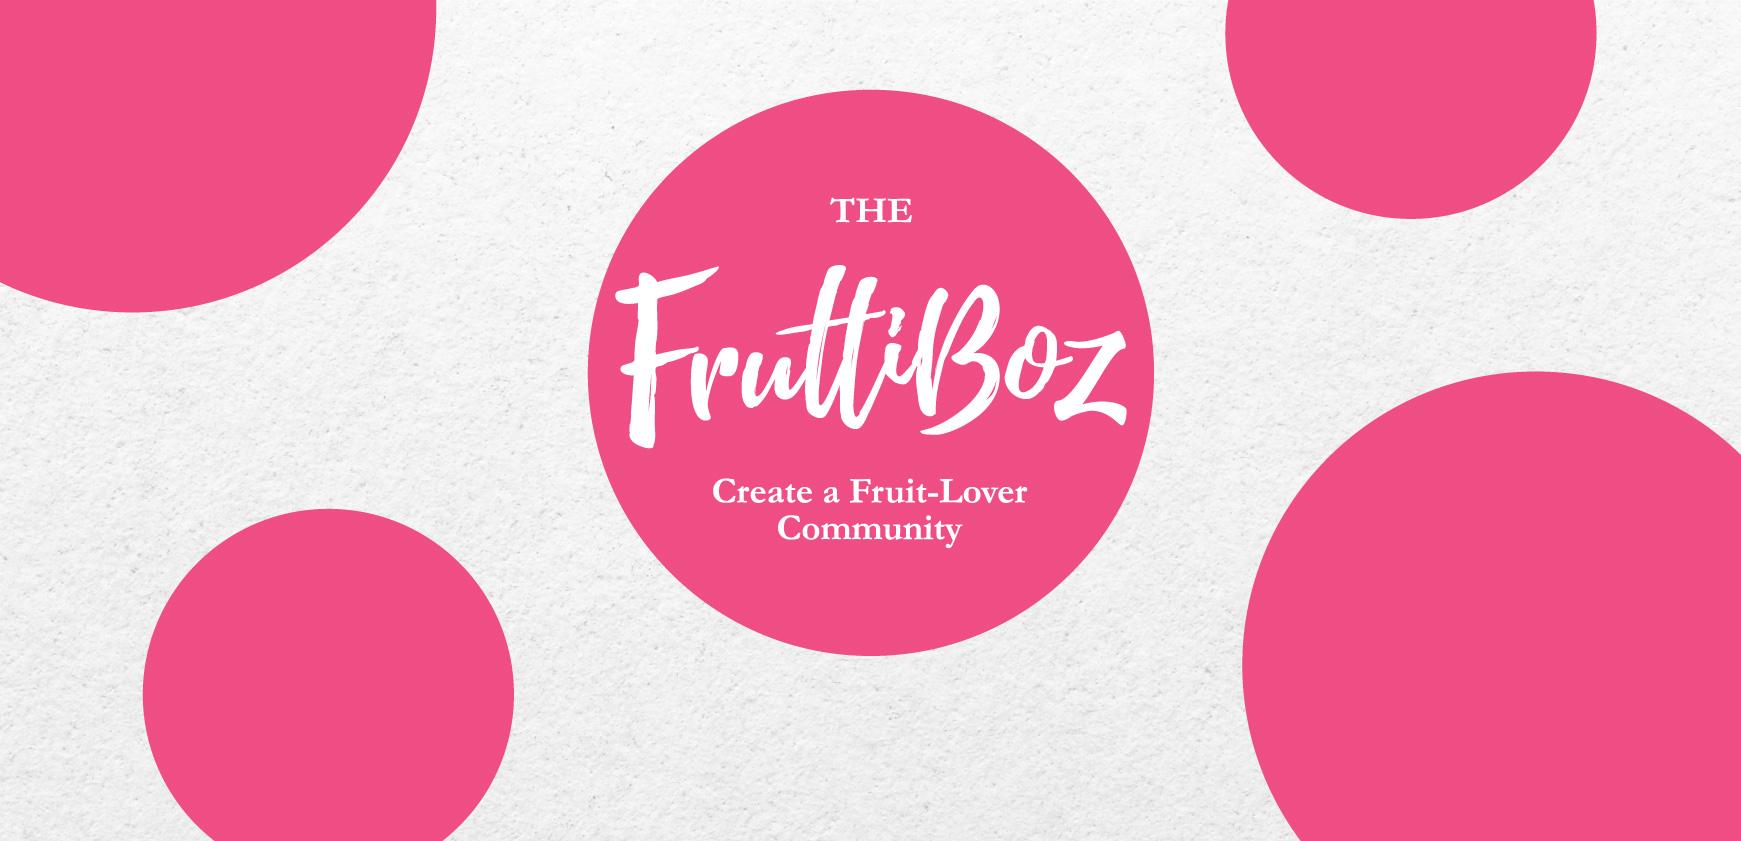 FruttiBoz